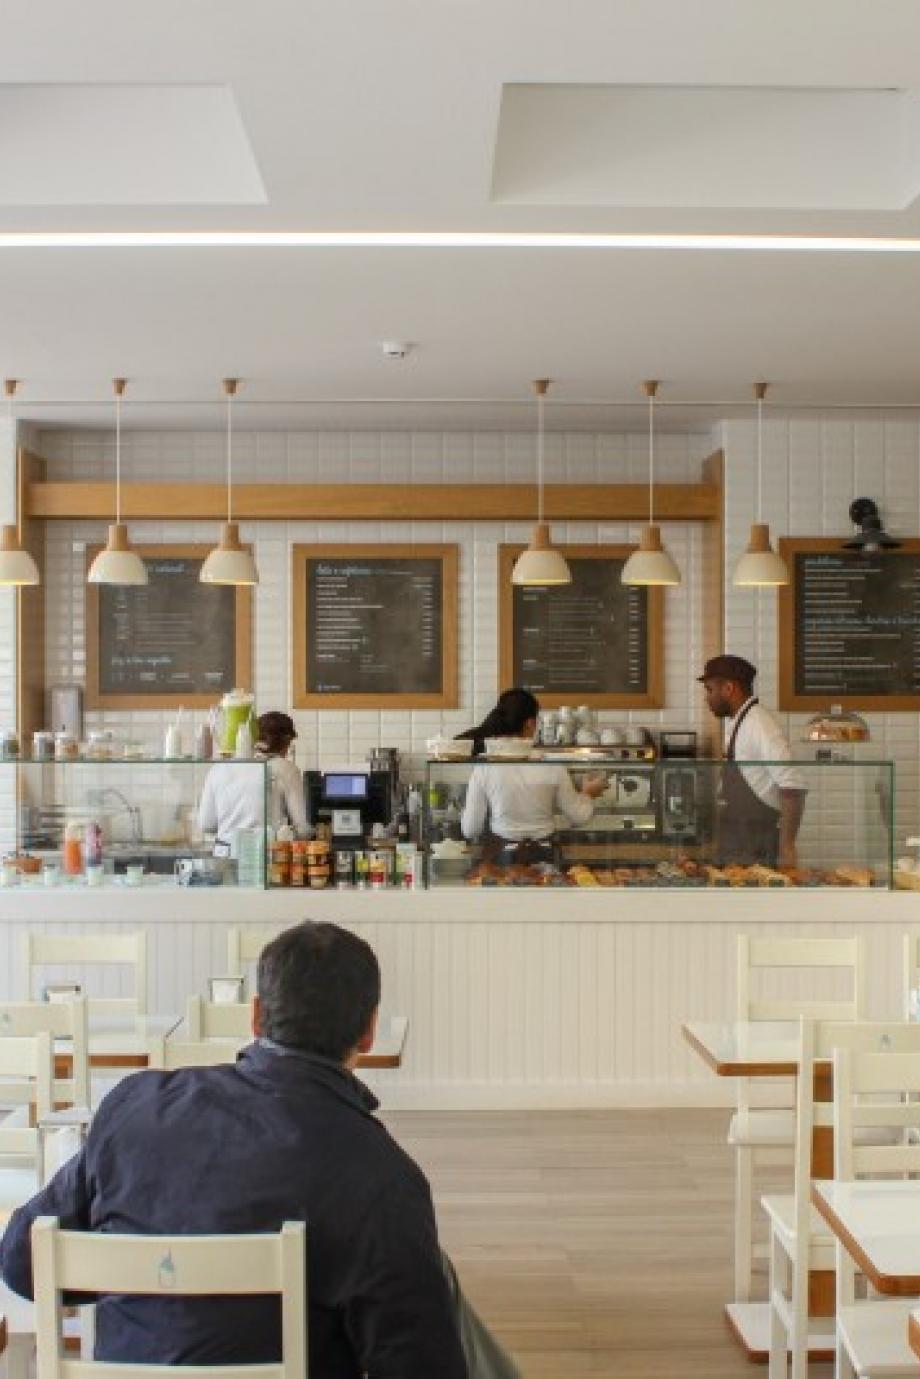 lisboa_cool_comer_cafe_leitaria_lisboa43.jpg